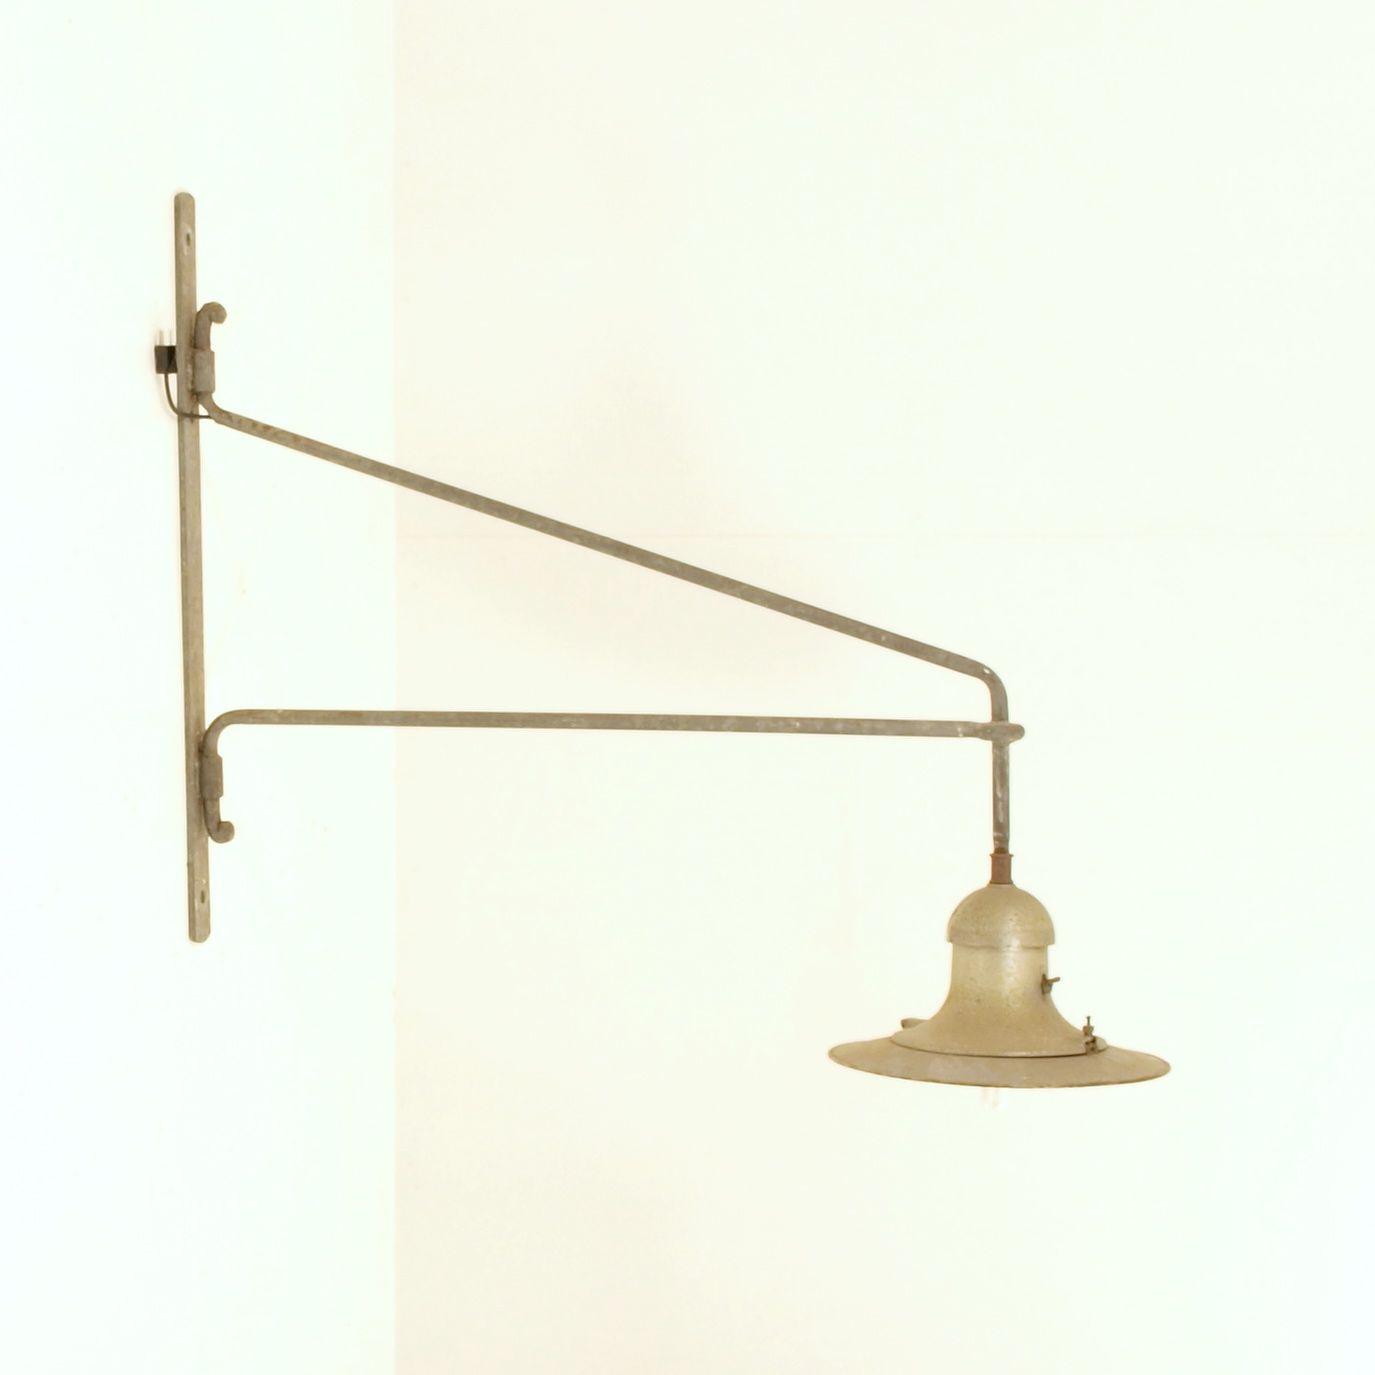 Industriewandlampe  Möbel Zürich  Vintagemöbel